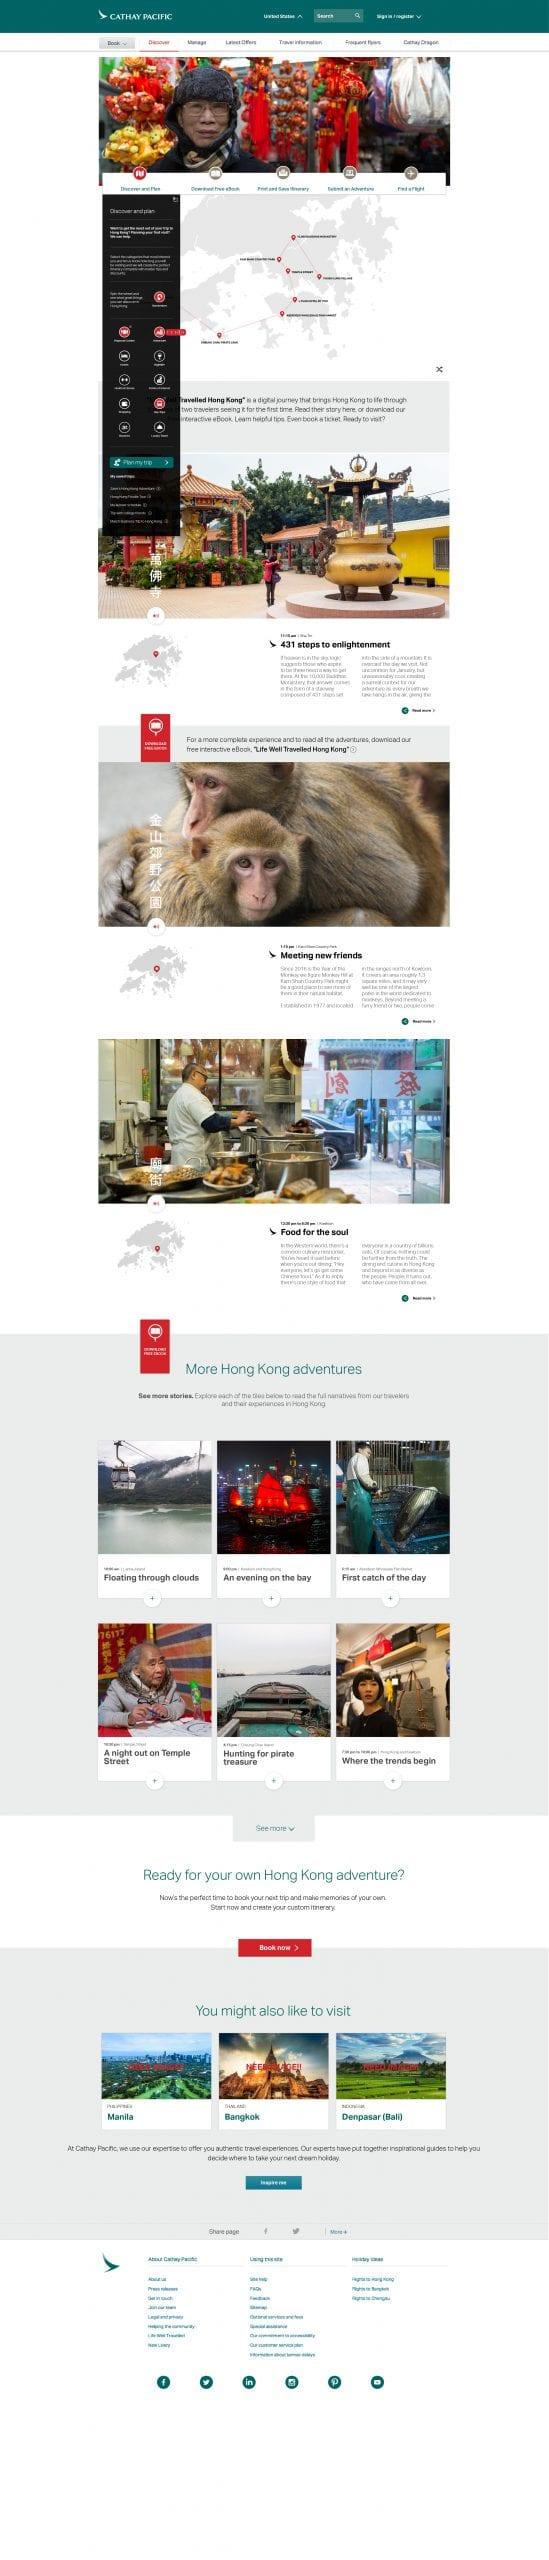 hongkong_destinationpage_redesign_2017_v1